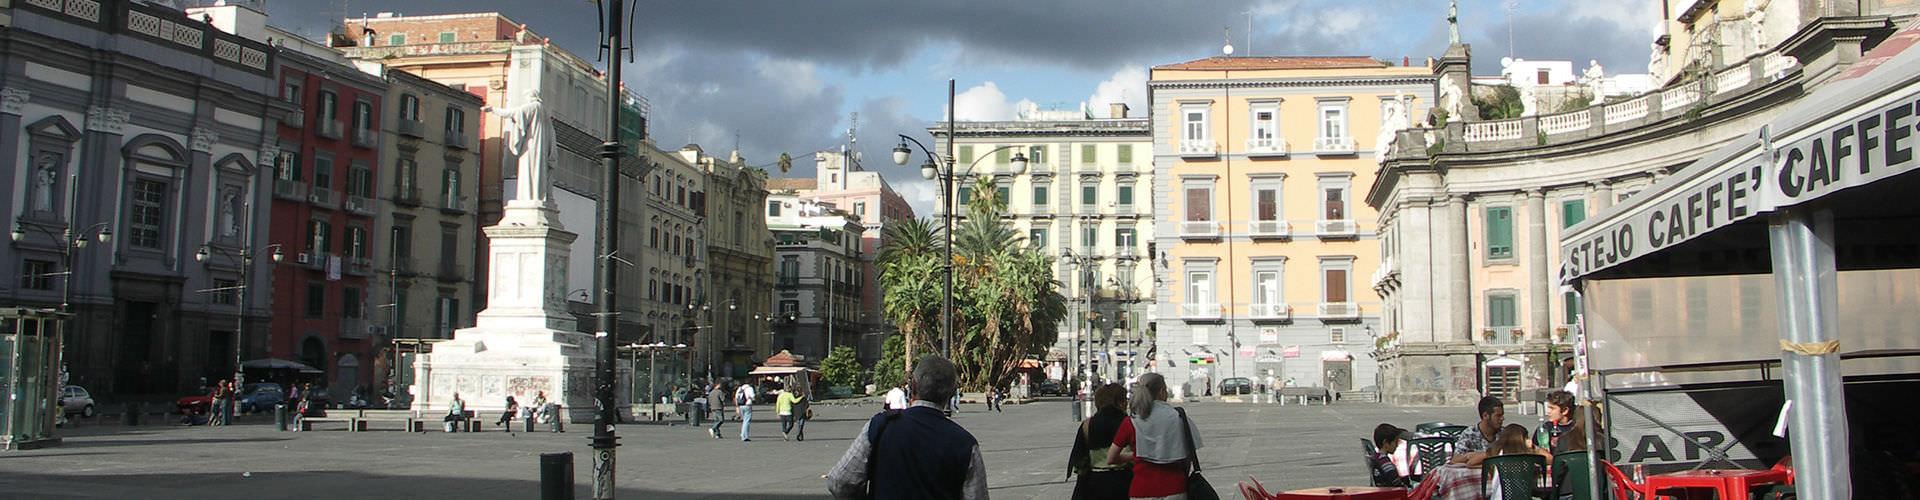 Florencia - Hoteles baratos en el distrito Leon d'Oro. Mapas de Florencia, Fotos y comentarios de cada Hotel barato en Florencia.